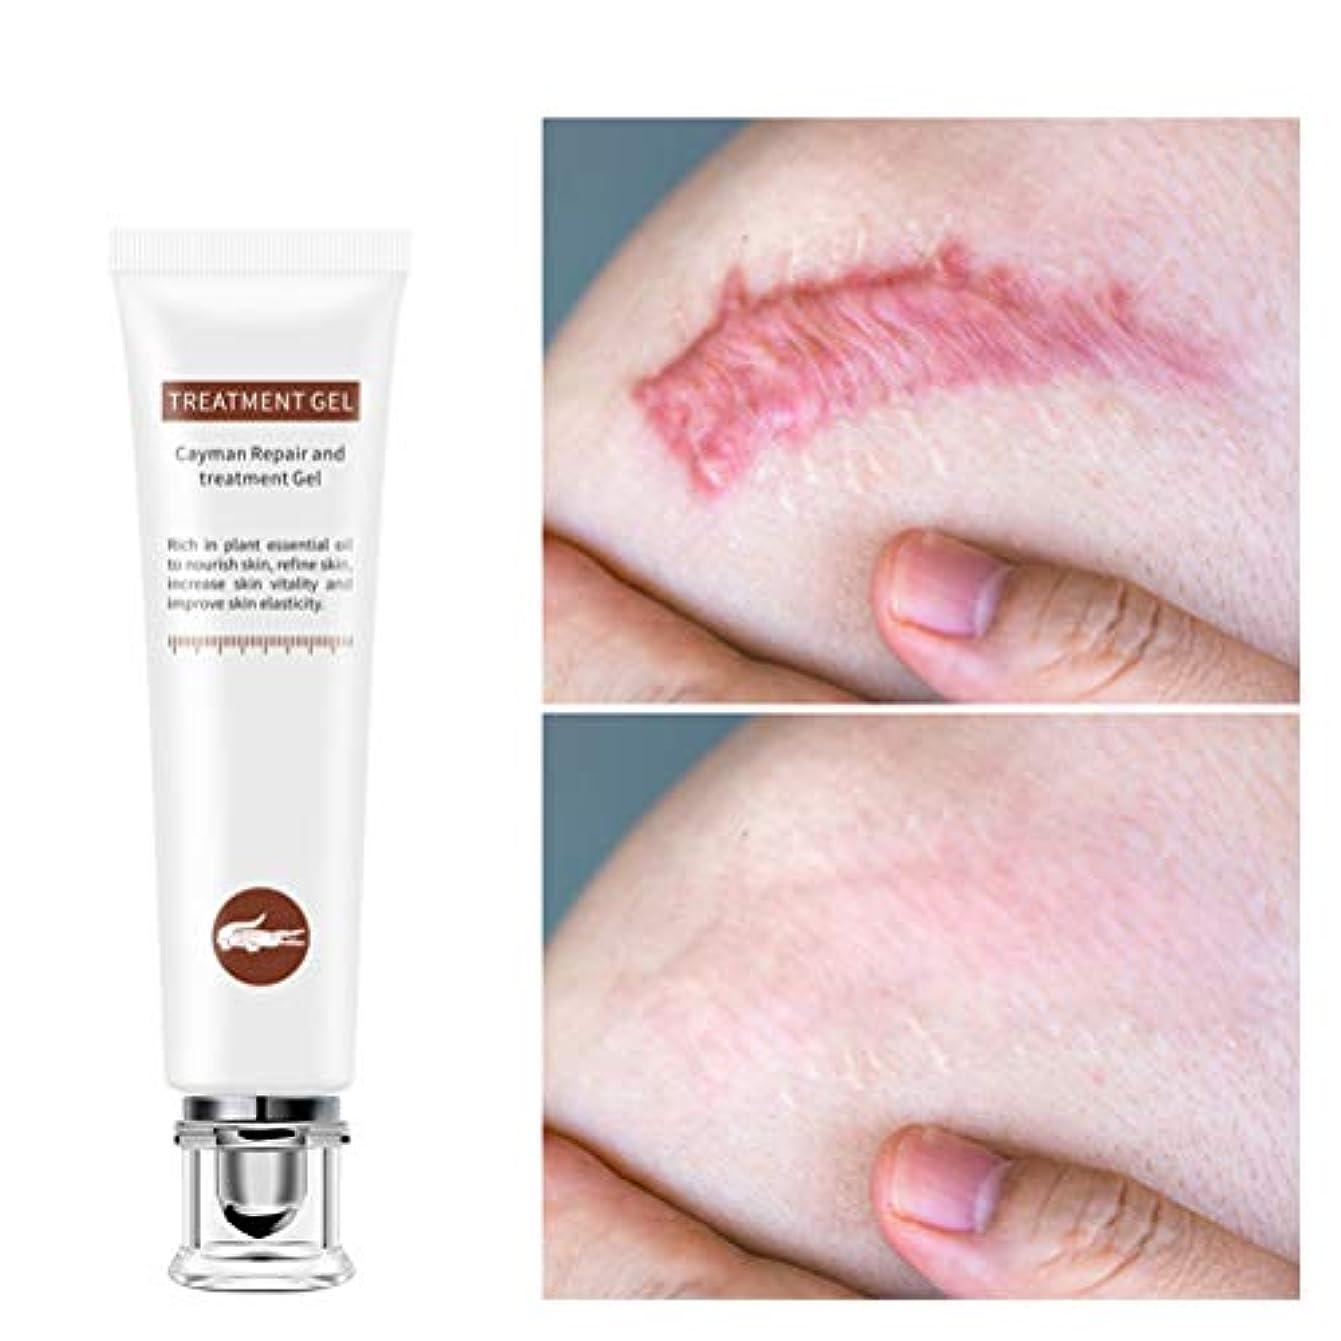 比喩篭スピリチュアルOurine 瘢痕除去クリーム ホワイトニング 美白 傷跡うすくする 修復 斑点を除去し ストレッチマーク にきびプリント 肌に栄養を与え 妊娠線 美活肌エキス 傷跡 肌ケア 男女兼用